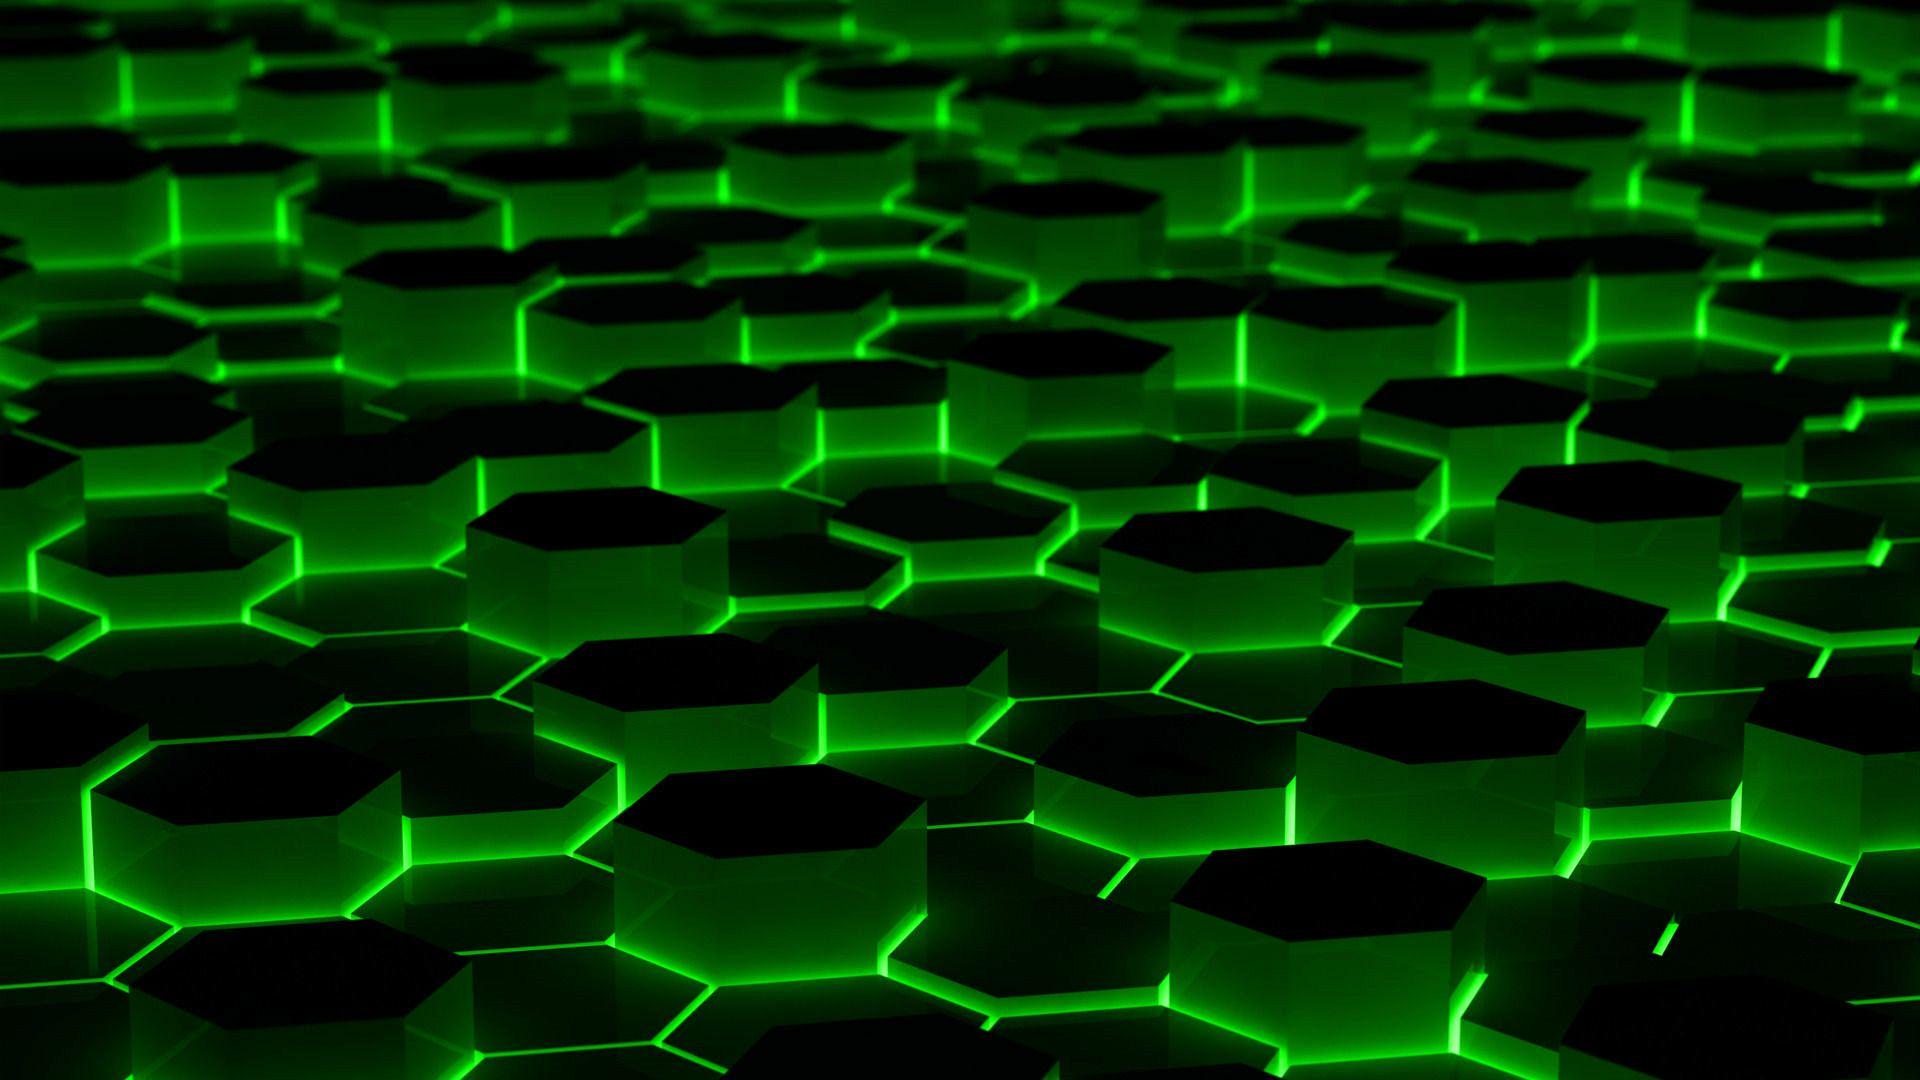 Neon Green Wallpaper Desktop Background Sdeerwallpaper